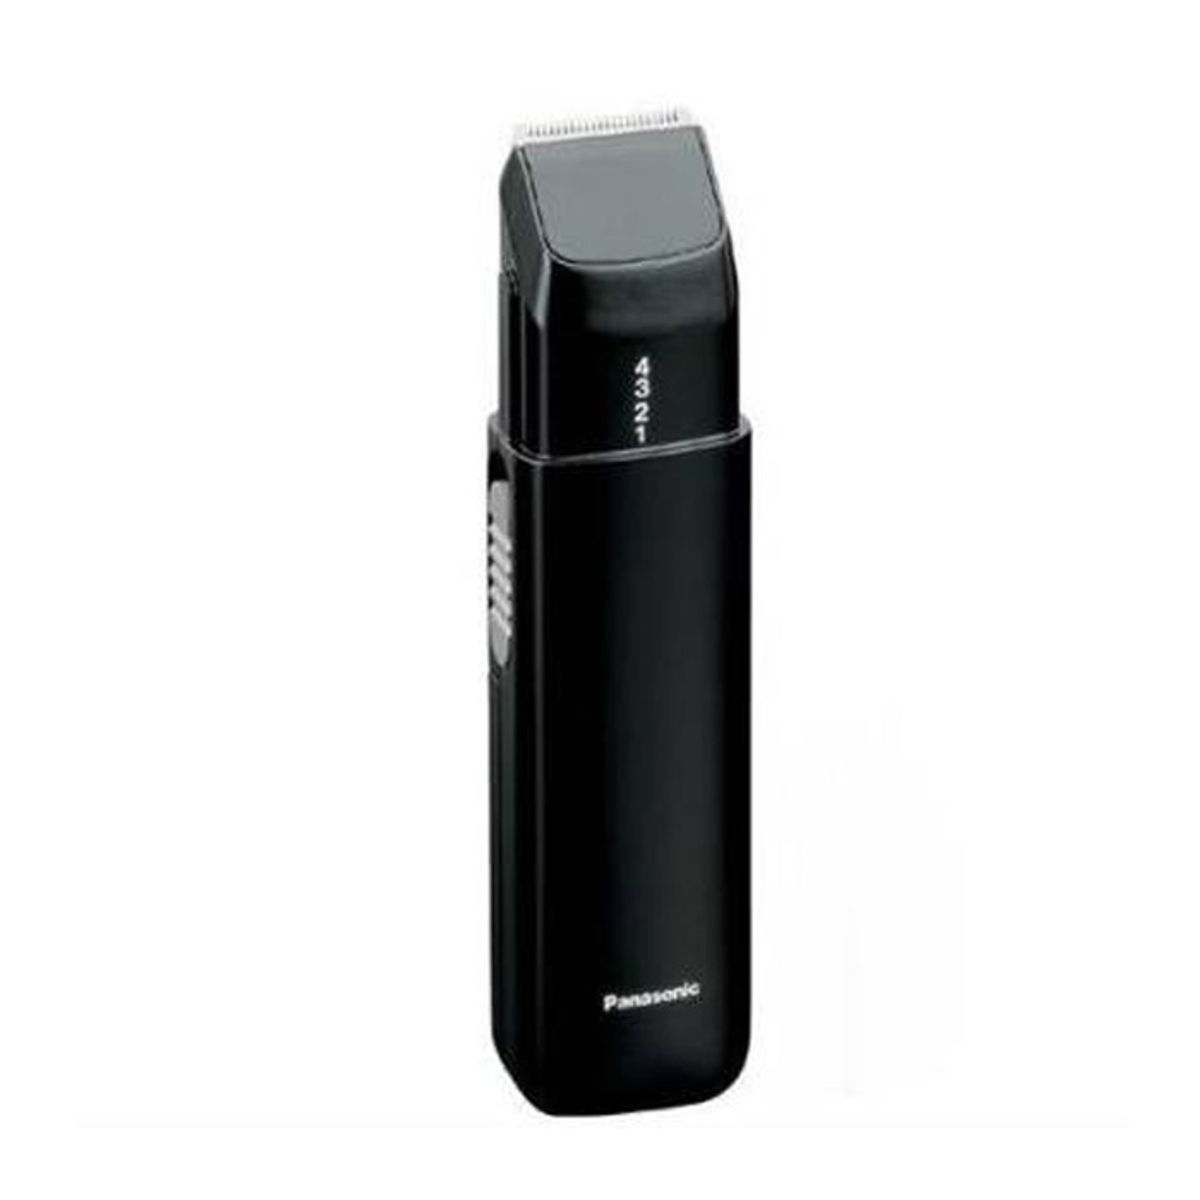 Panasonic ER240BP Trimmer